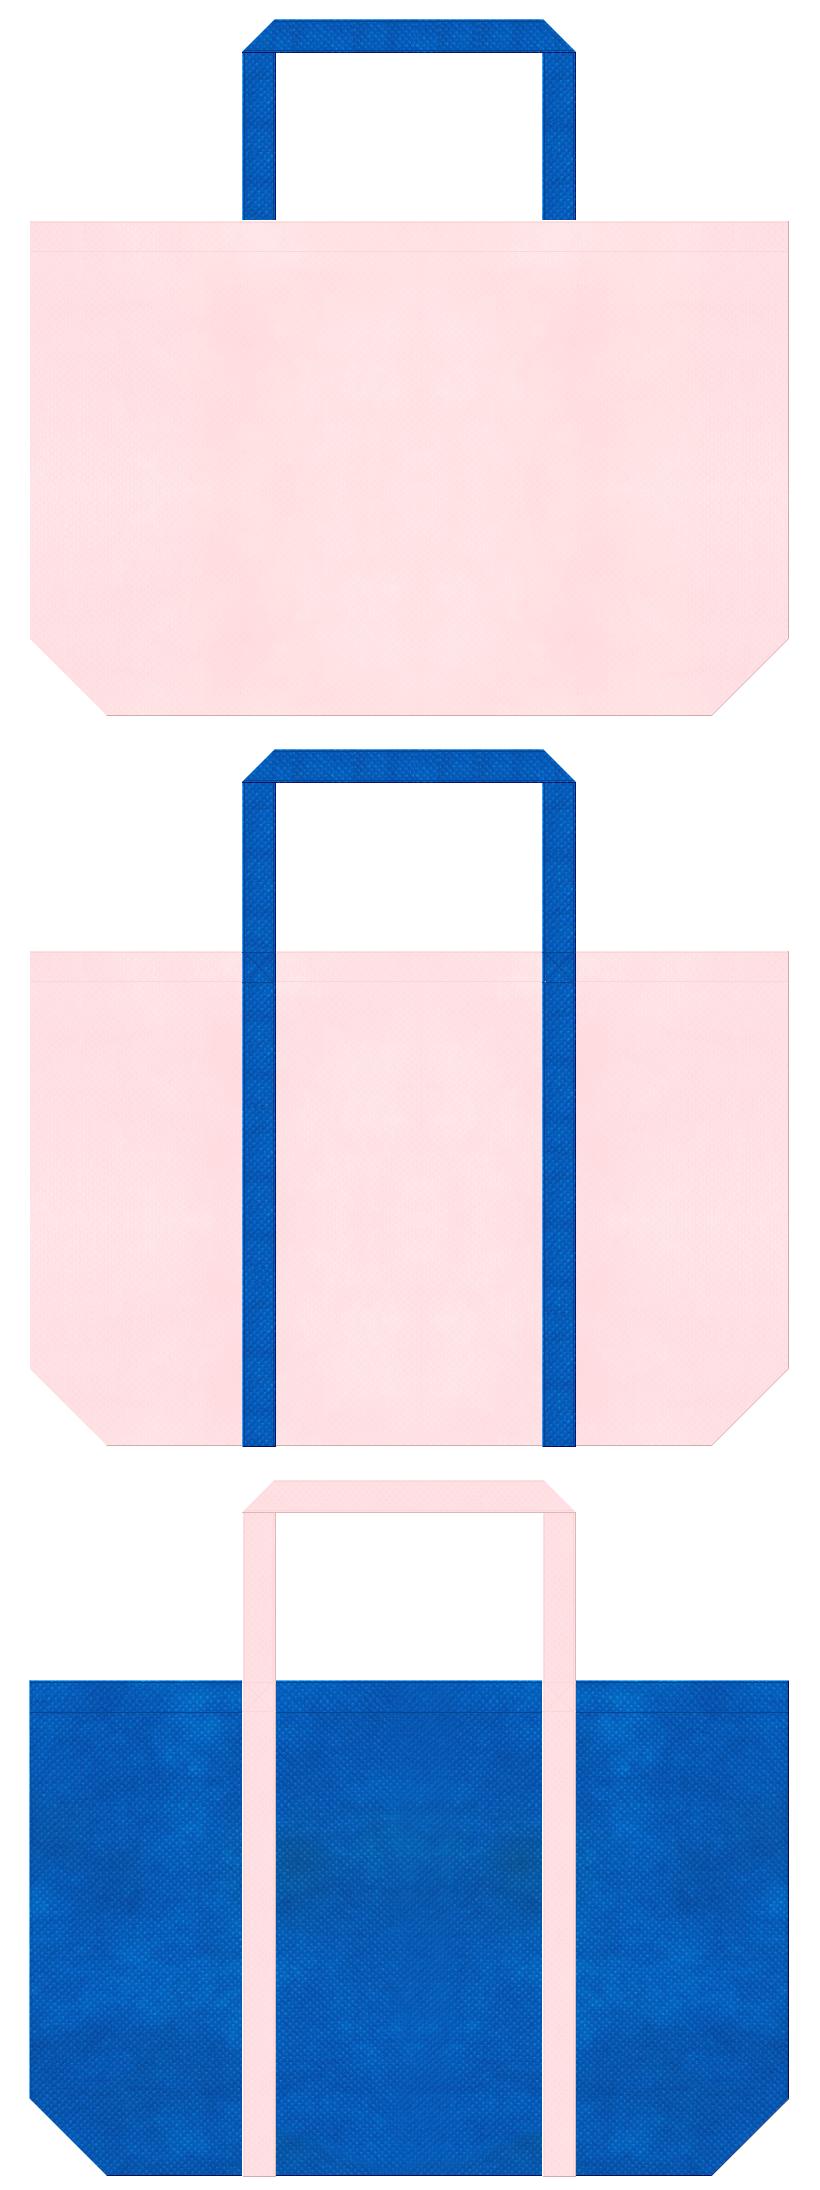 不織布トートバッグ 舟底タイプ 不織布カラーNo.26ライトピンクとNo.22スカイブルーの組み合わせ